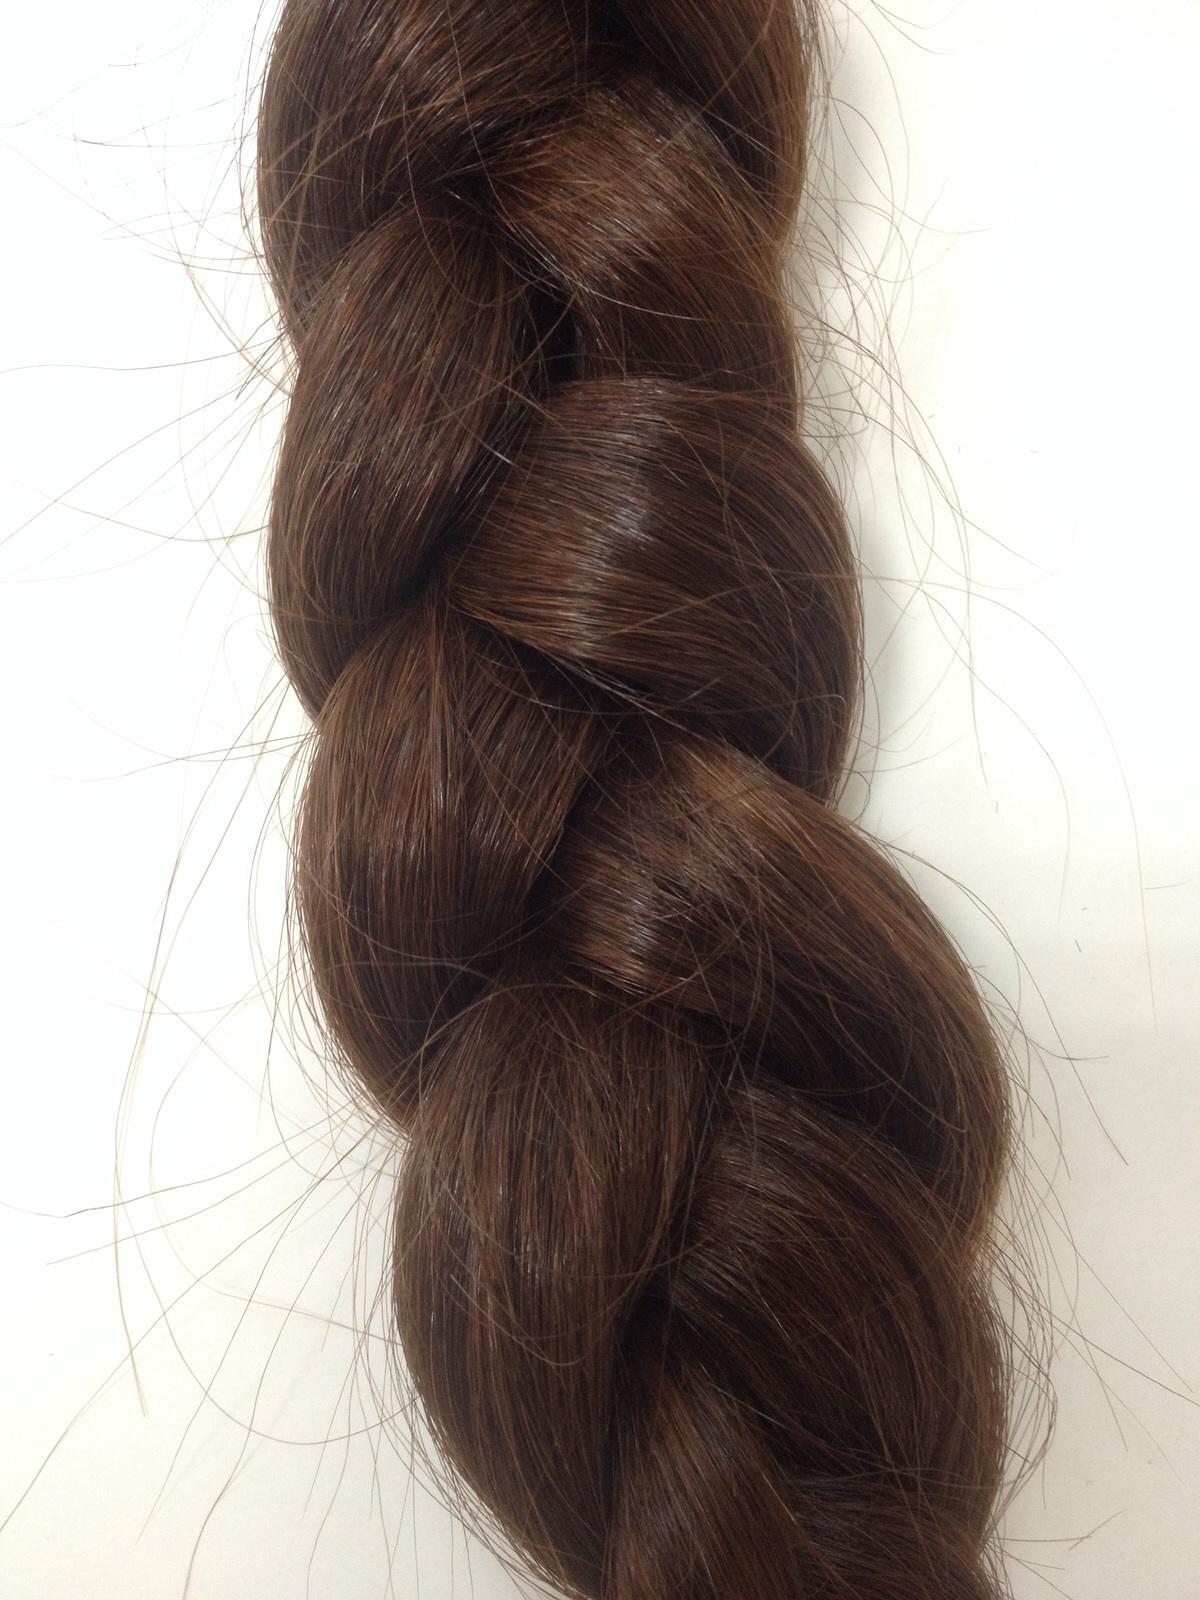 Продать волосы в москве дорого 30 см